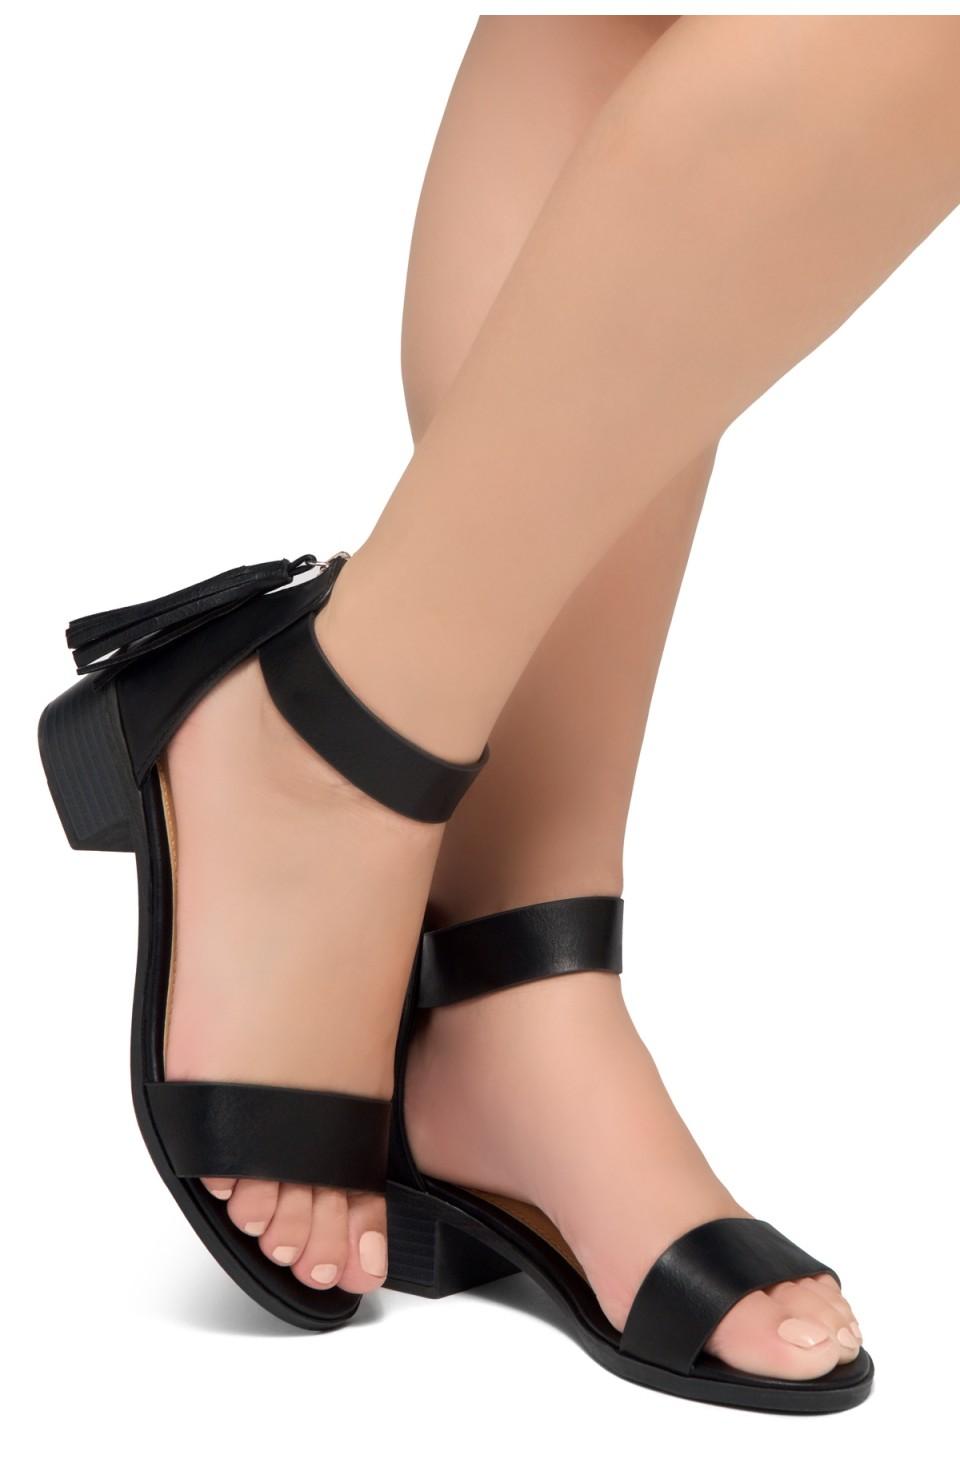 HerStyle Bruefly- Low Block Heel Back Zipper with Tassels Sandal (Black)